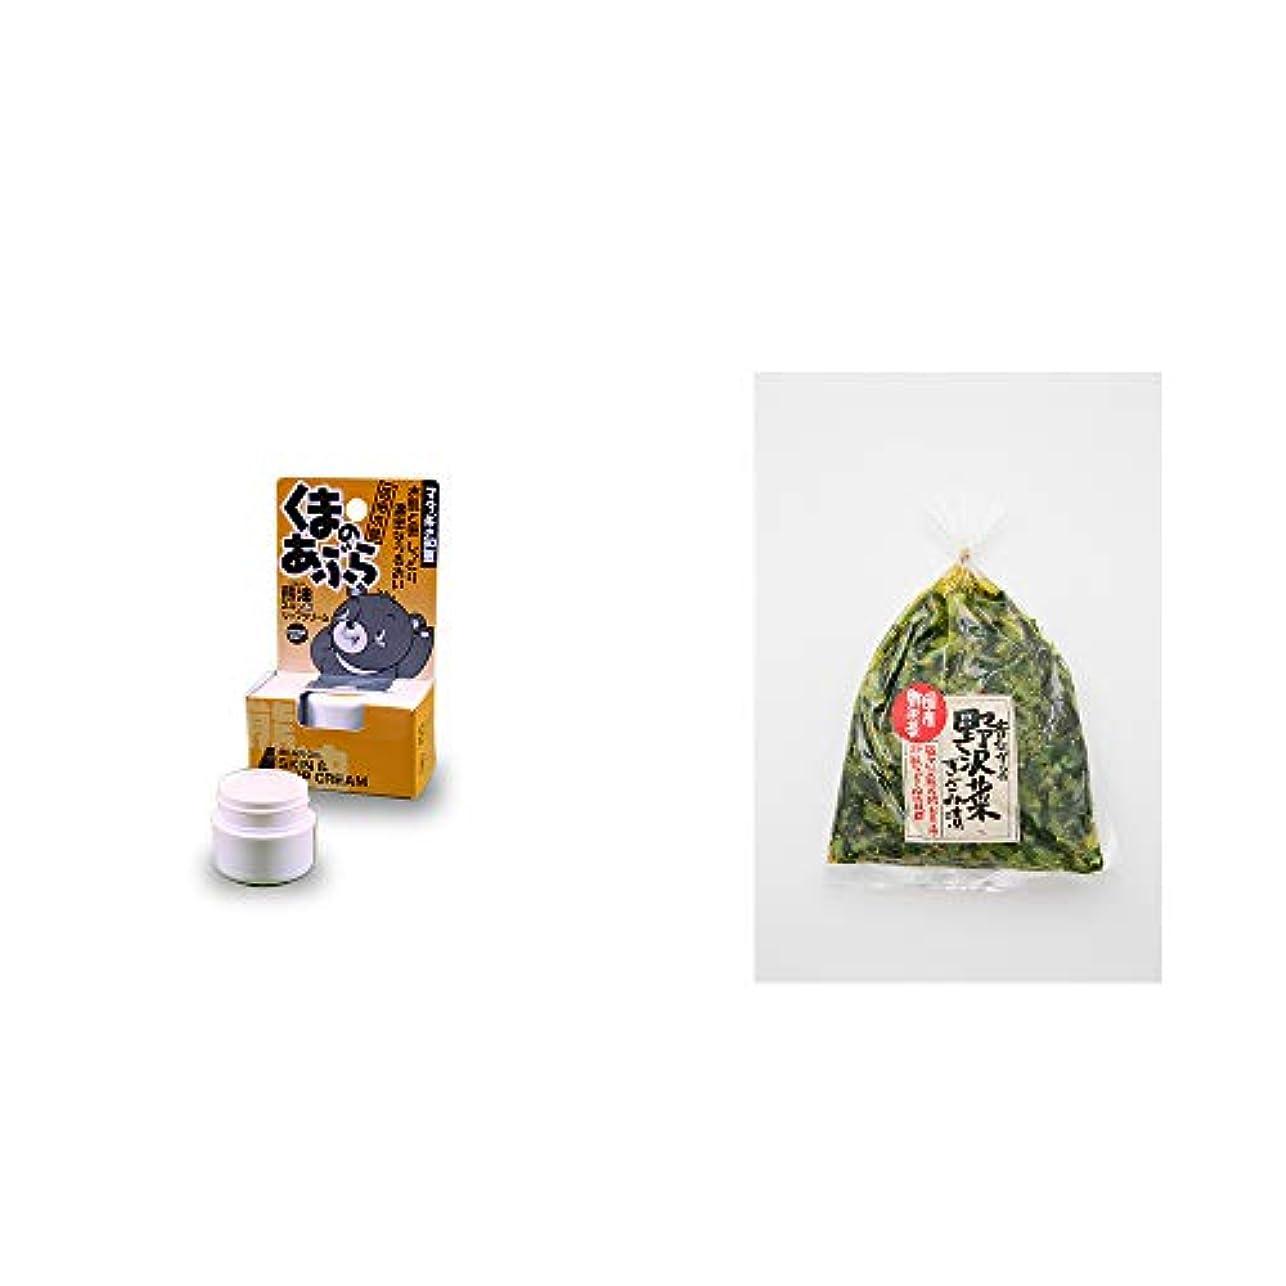 モットー砂漠更新する[2点セット] 信州木曽 くまのあぶら 熊油スキン&リップクリーム(9g)?国産 昔ながらの野沢菜きざみ漬け(150g)